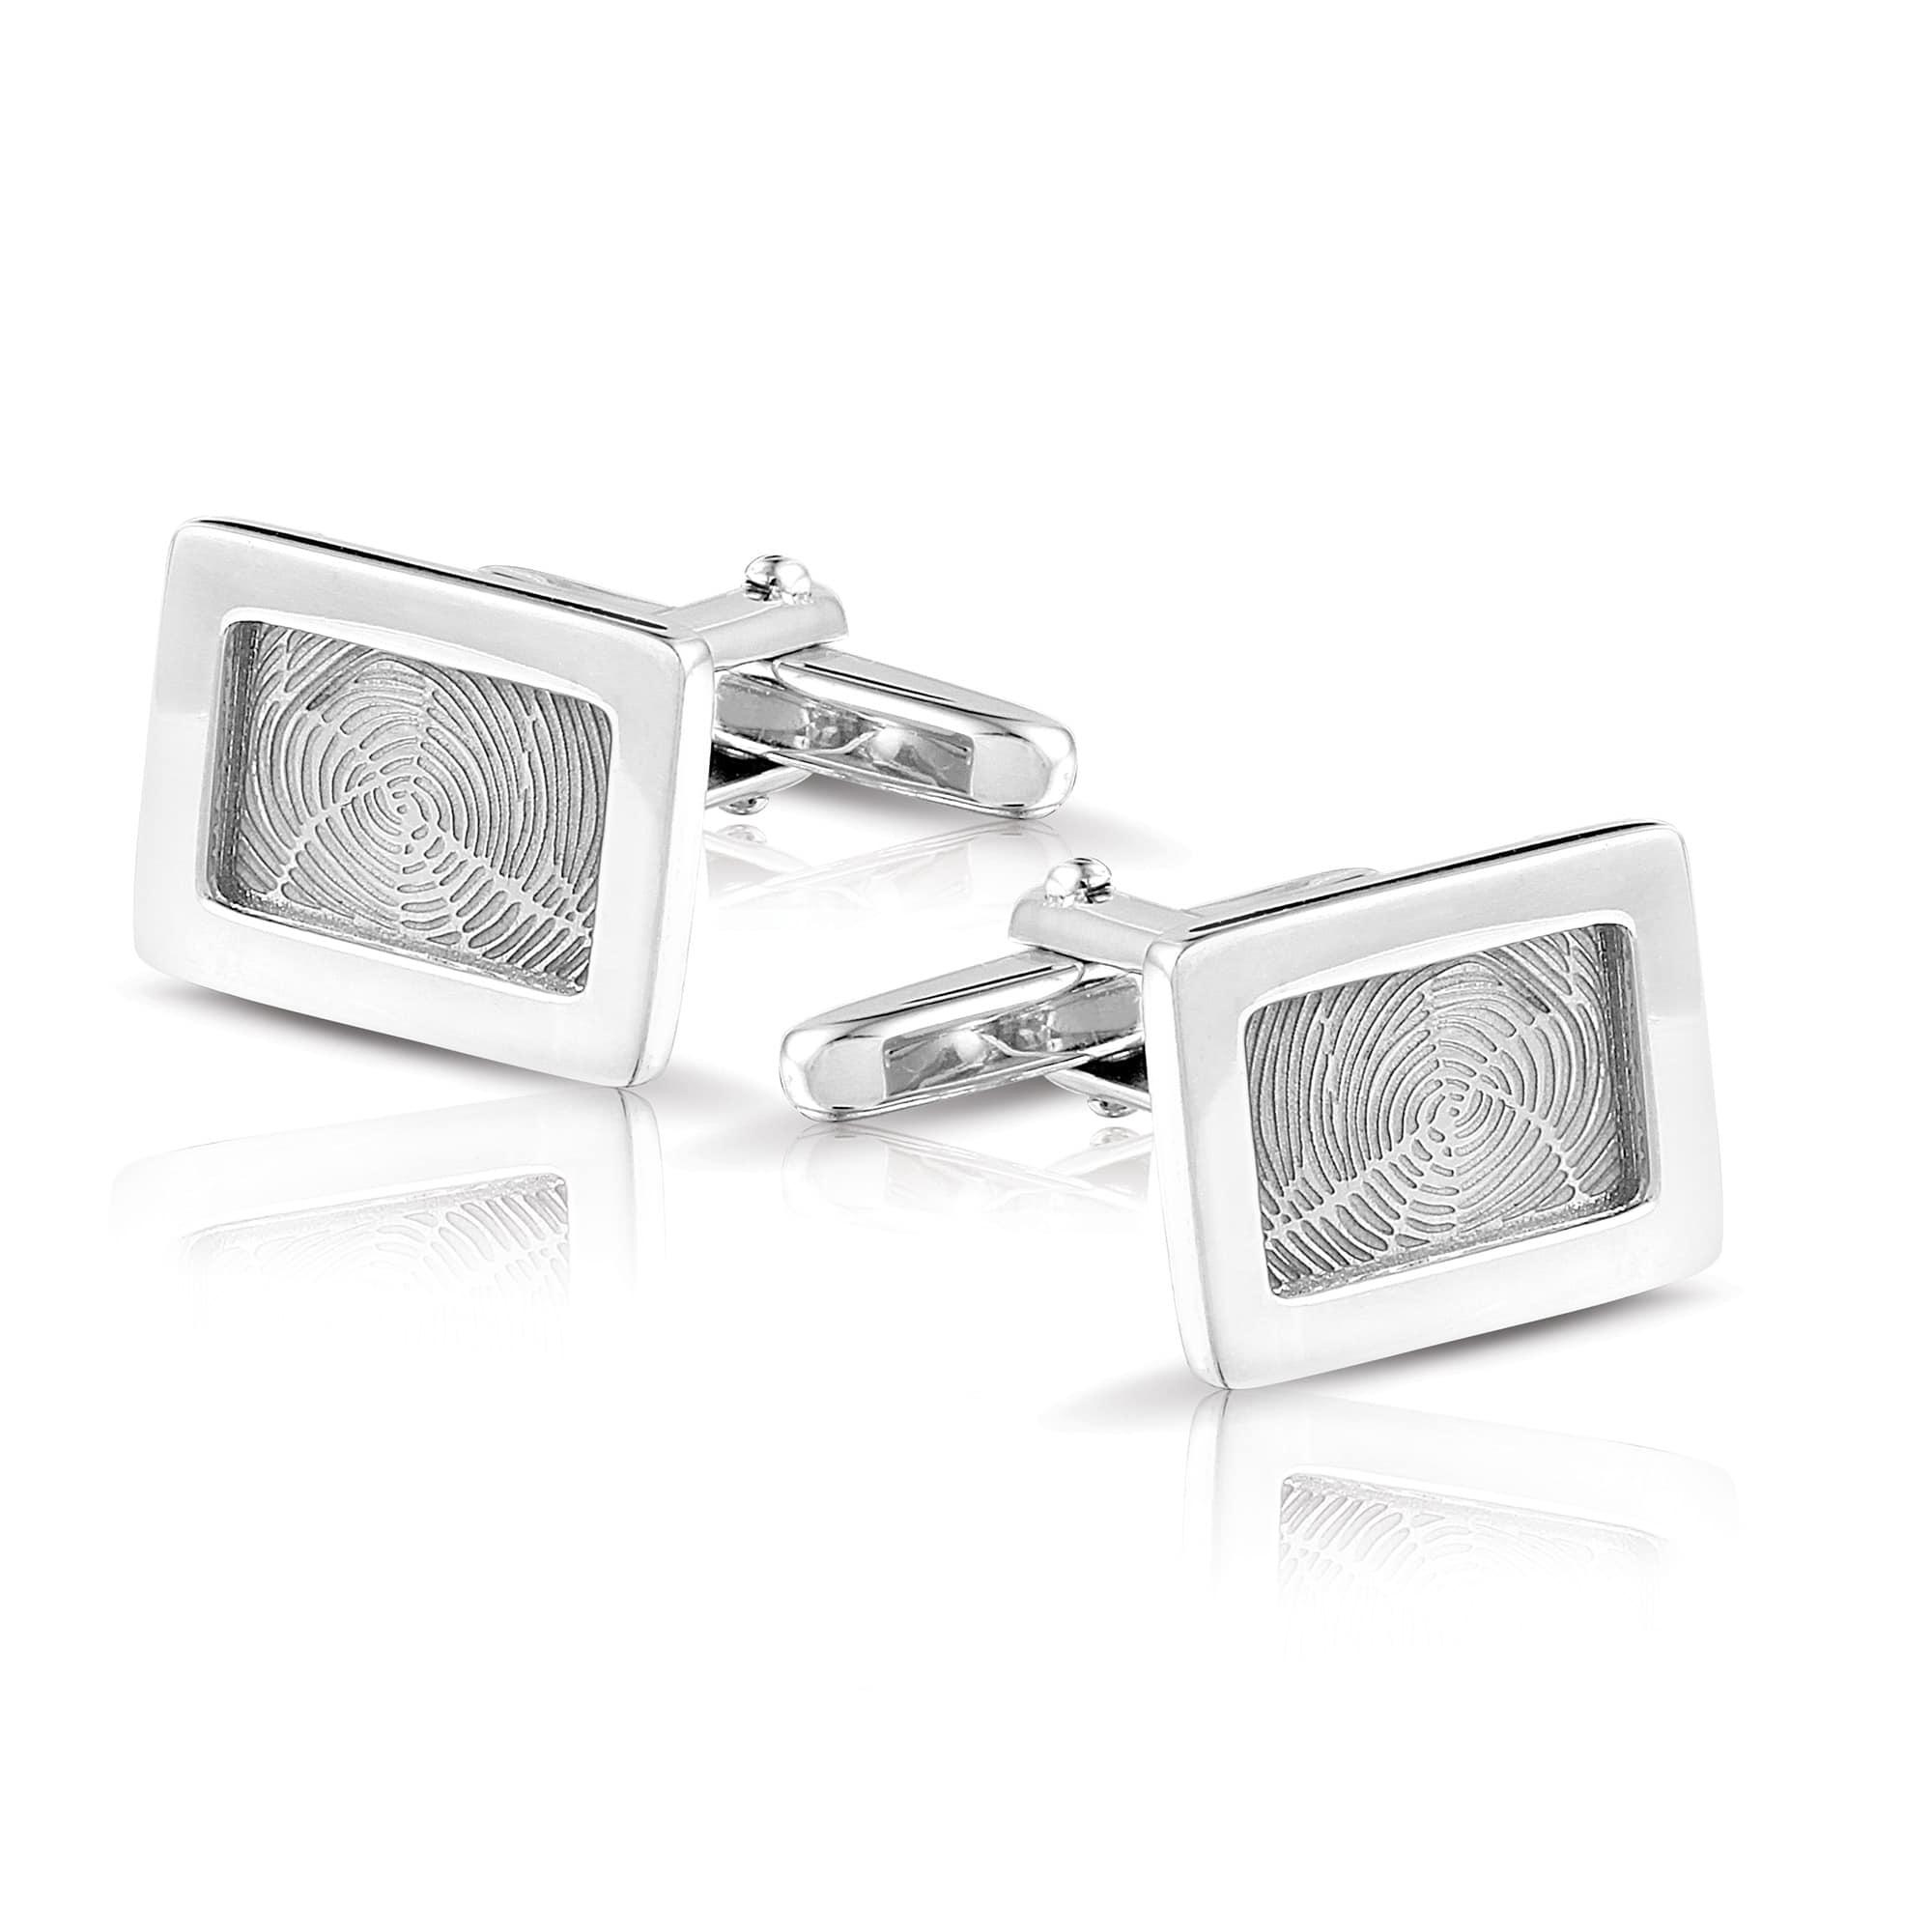 zilveren-manchetknopen-rechthoek-twee-identieke-vingerafdrukken_sy-423-s_seeyou-memorial-jewelry_347_memento-aan-jou-min